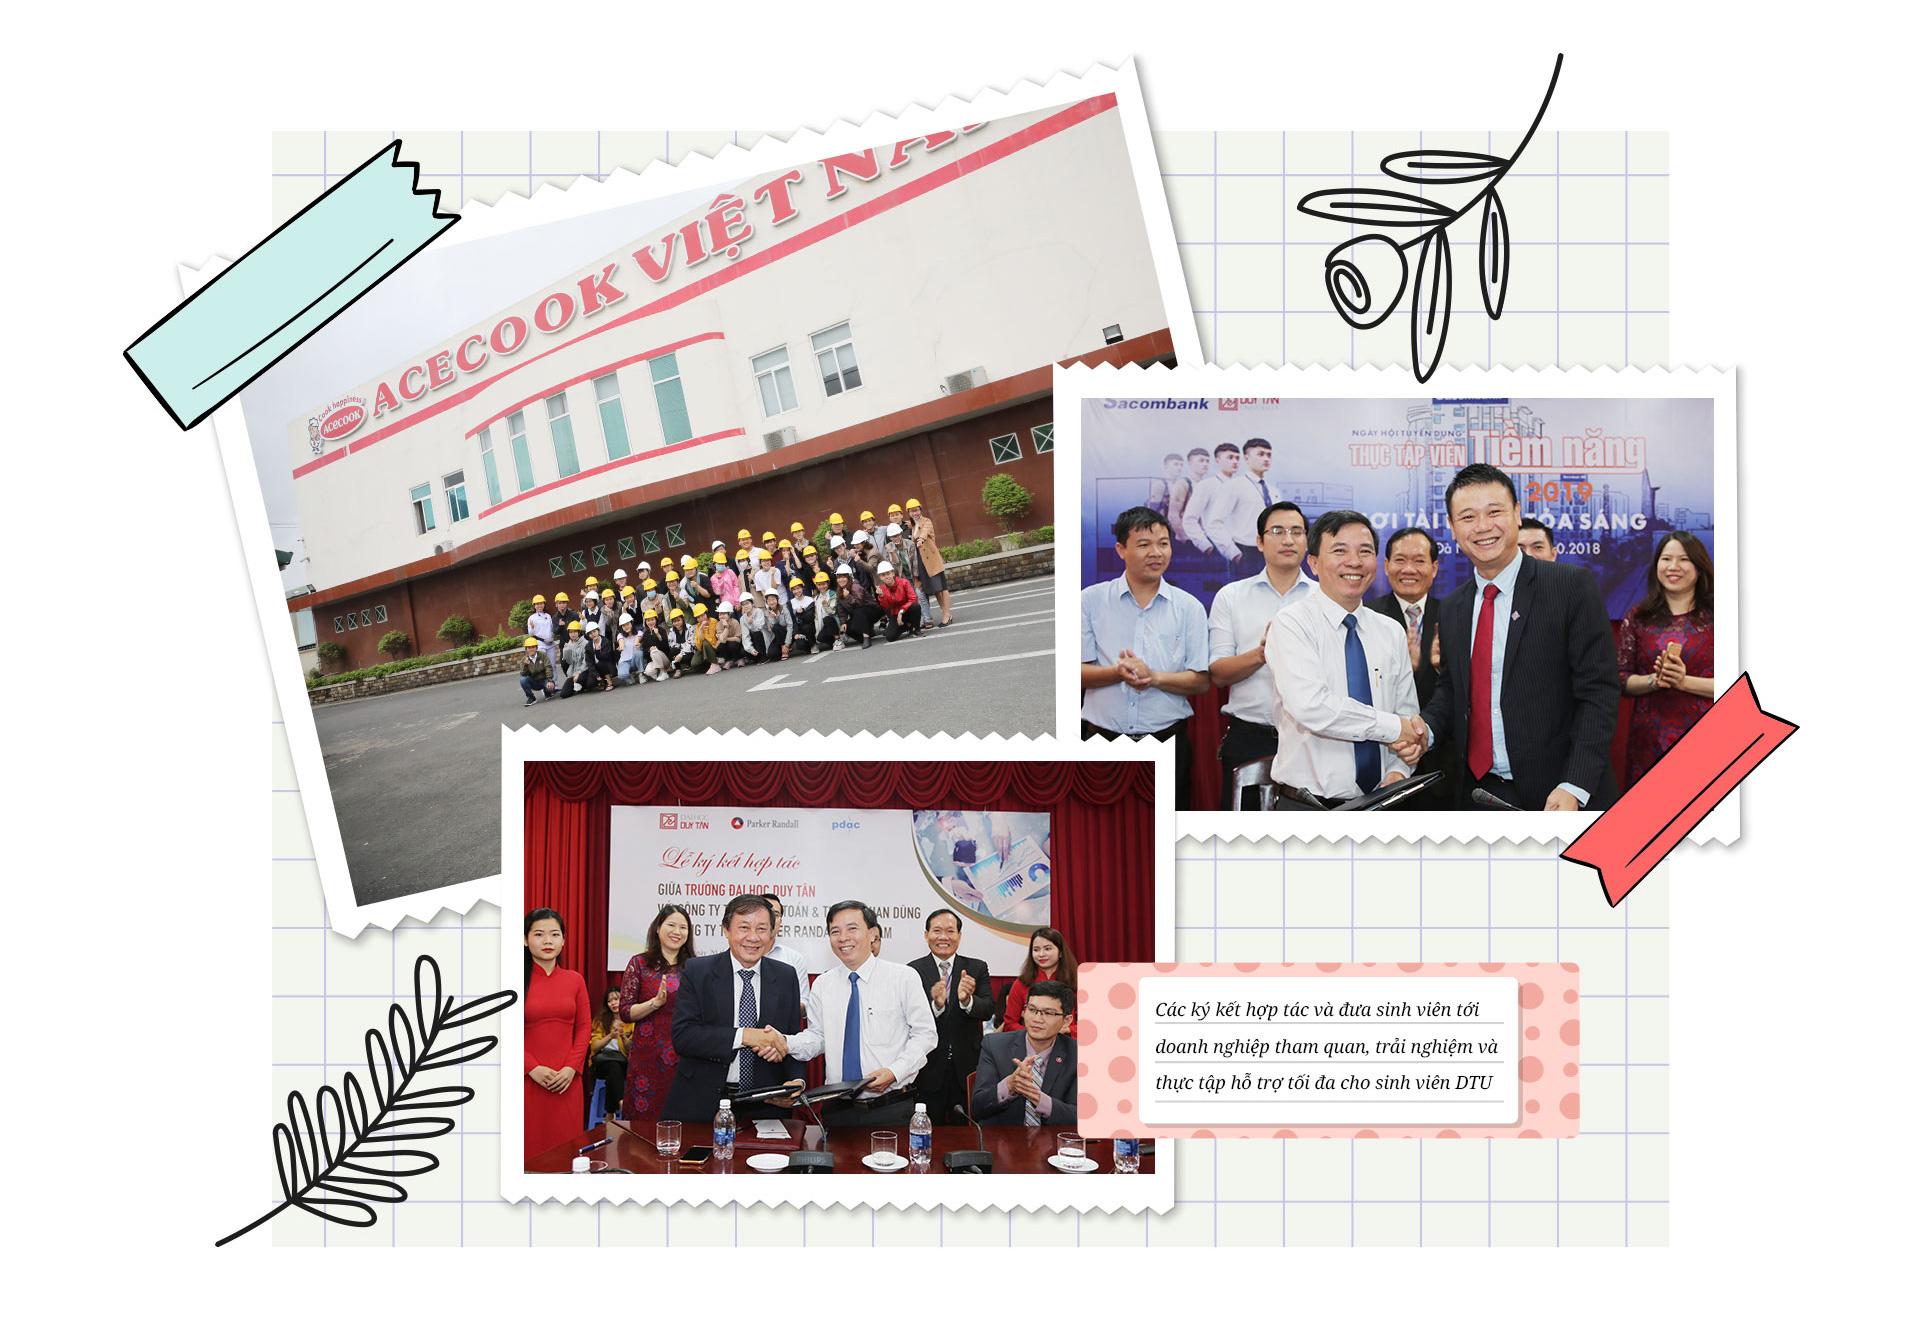 SV Quản trị Kinh doanh, Kế toán & Ngân hàng DTU với niềm đam mê Sáng tạo và Khởi nghiệp - Ảnh 10.